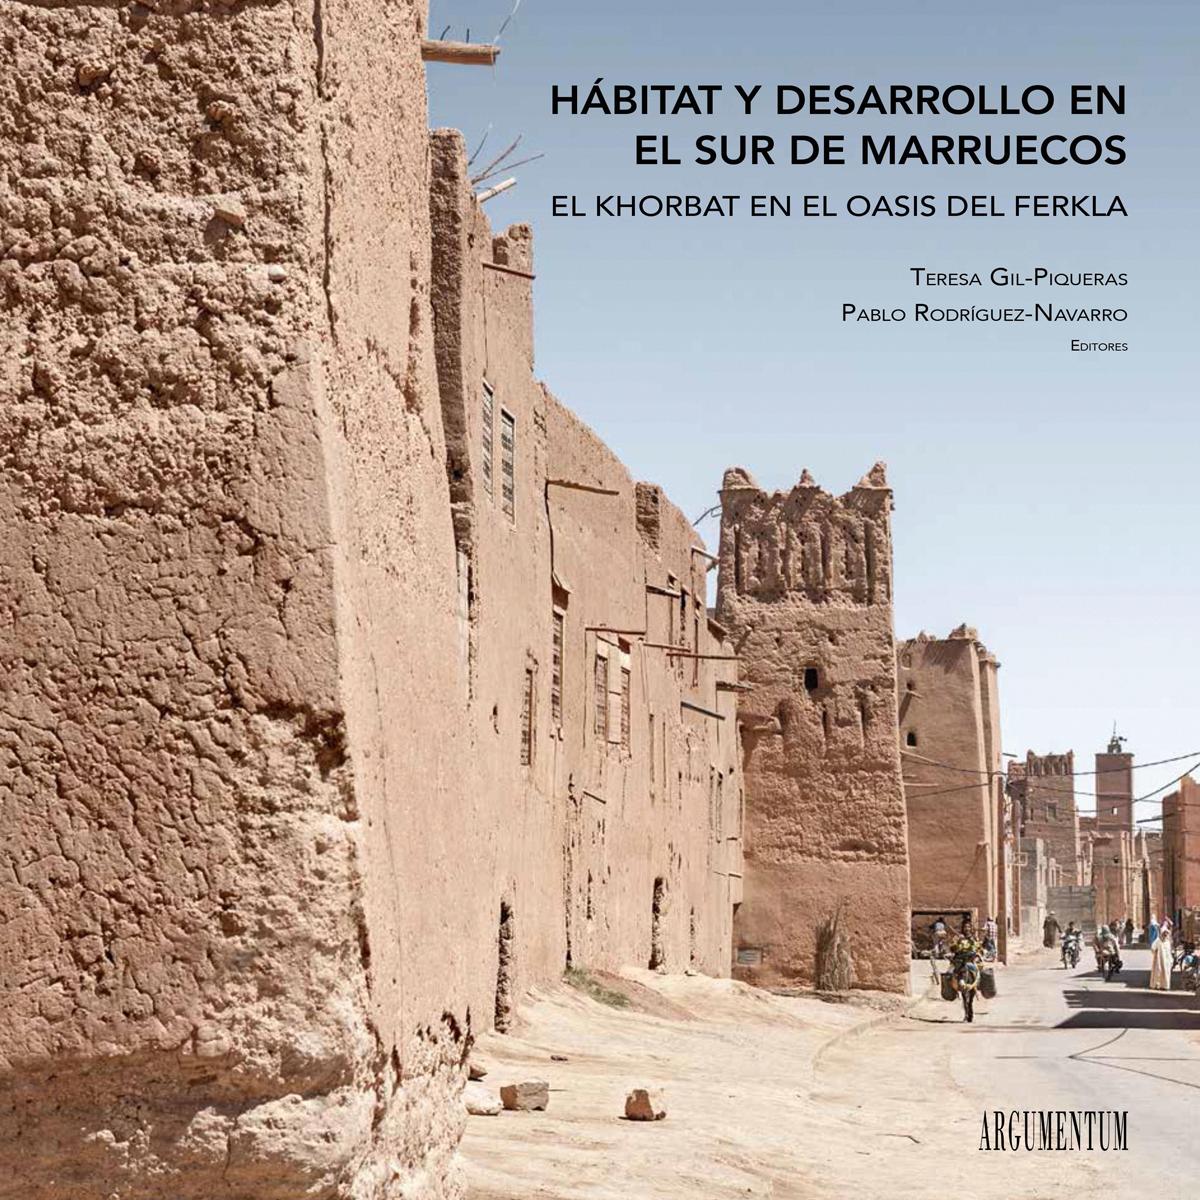 Hábitat y desarrollo en el Sur de Marruecos